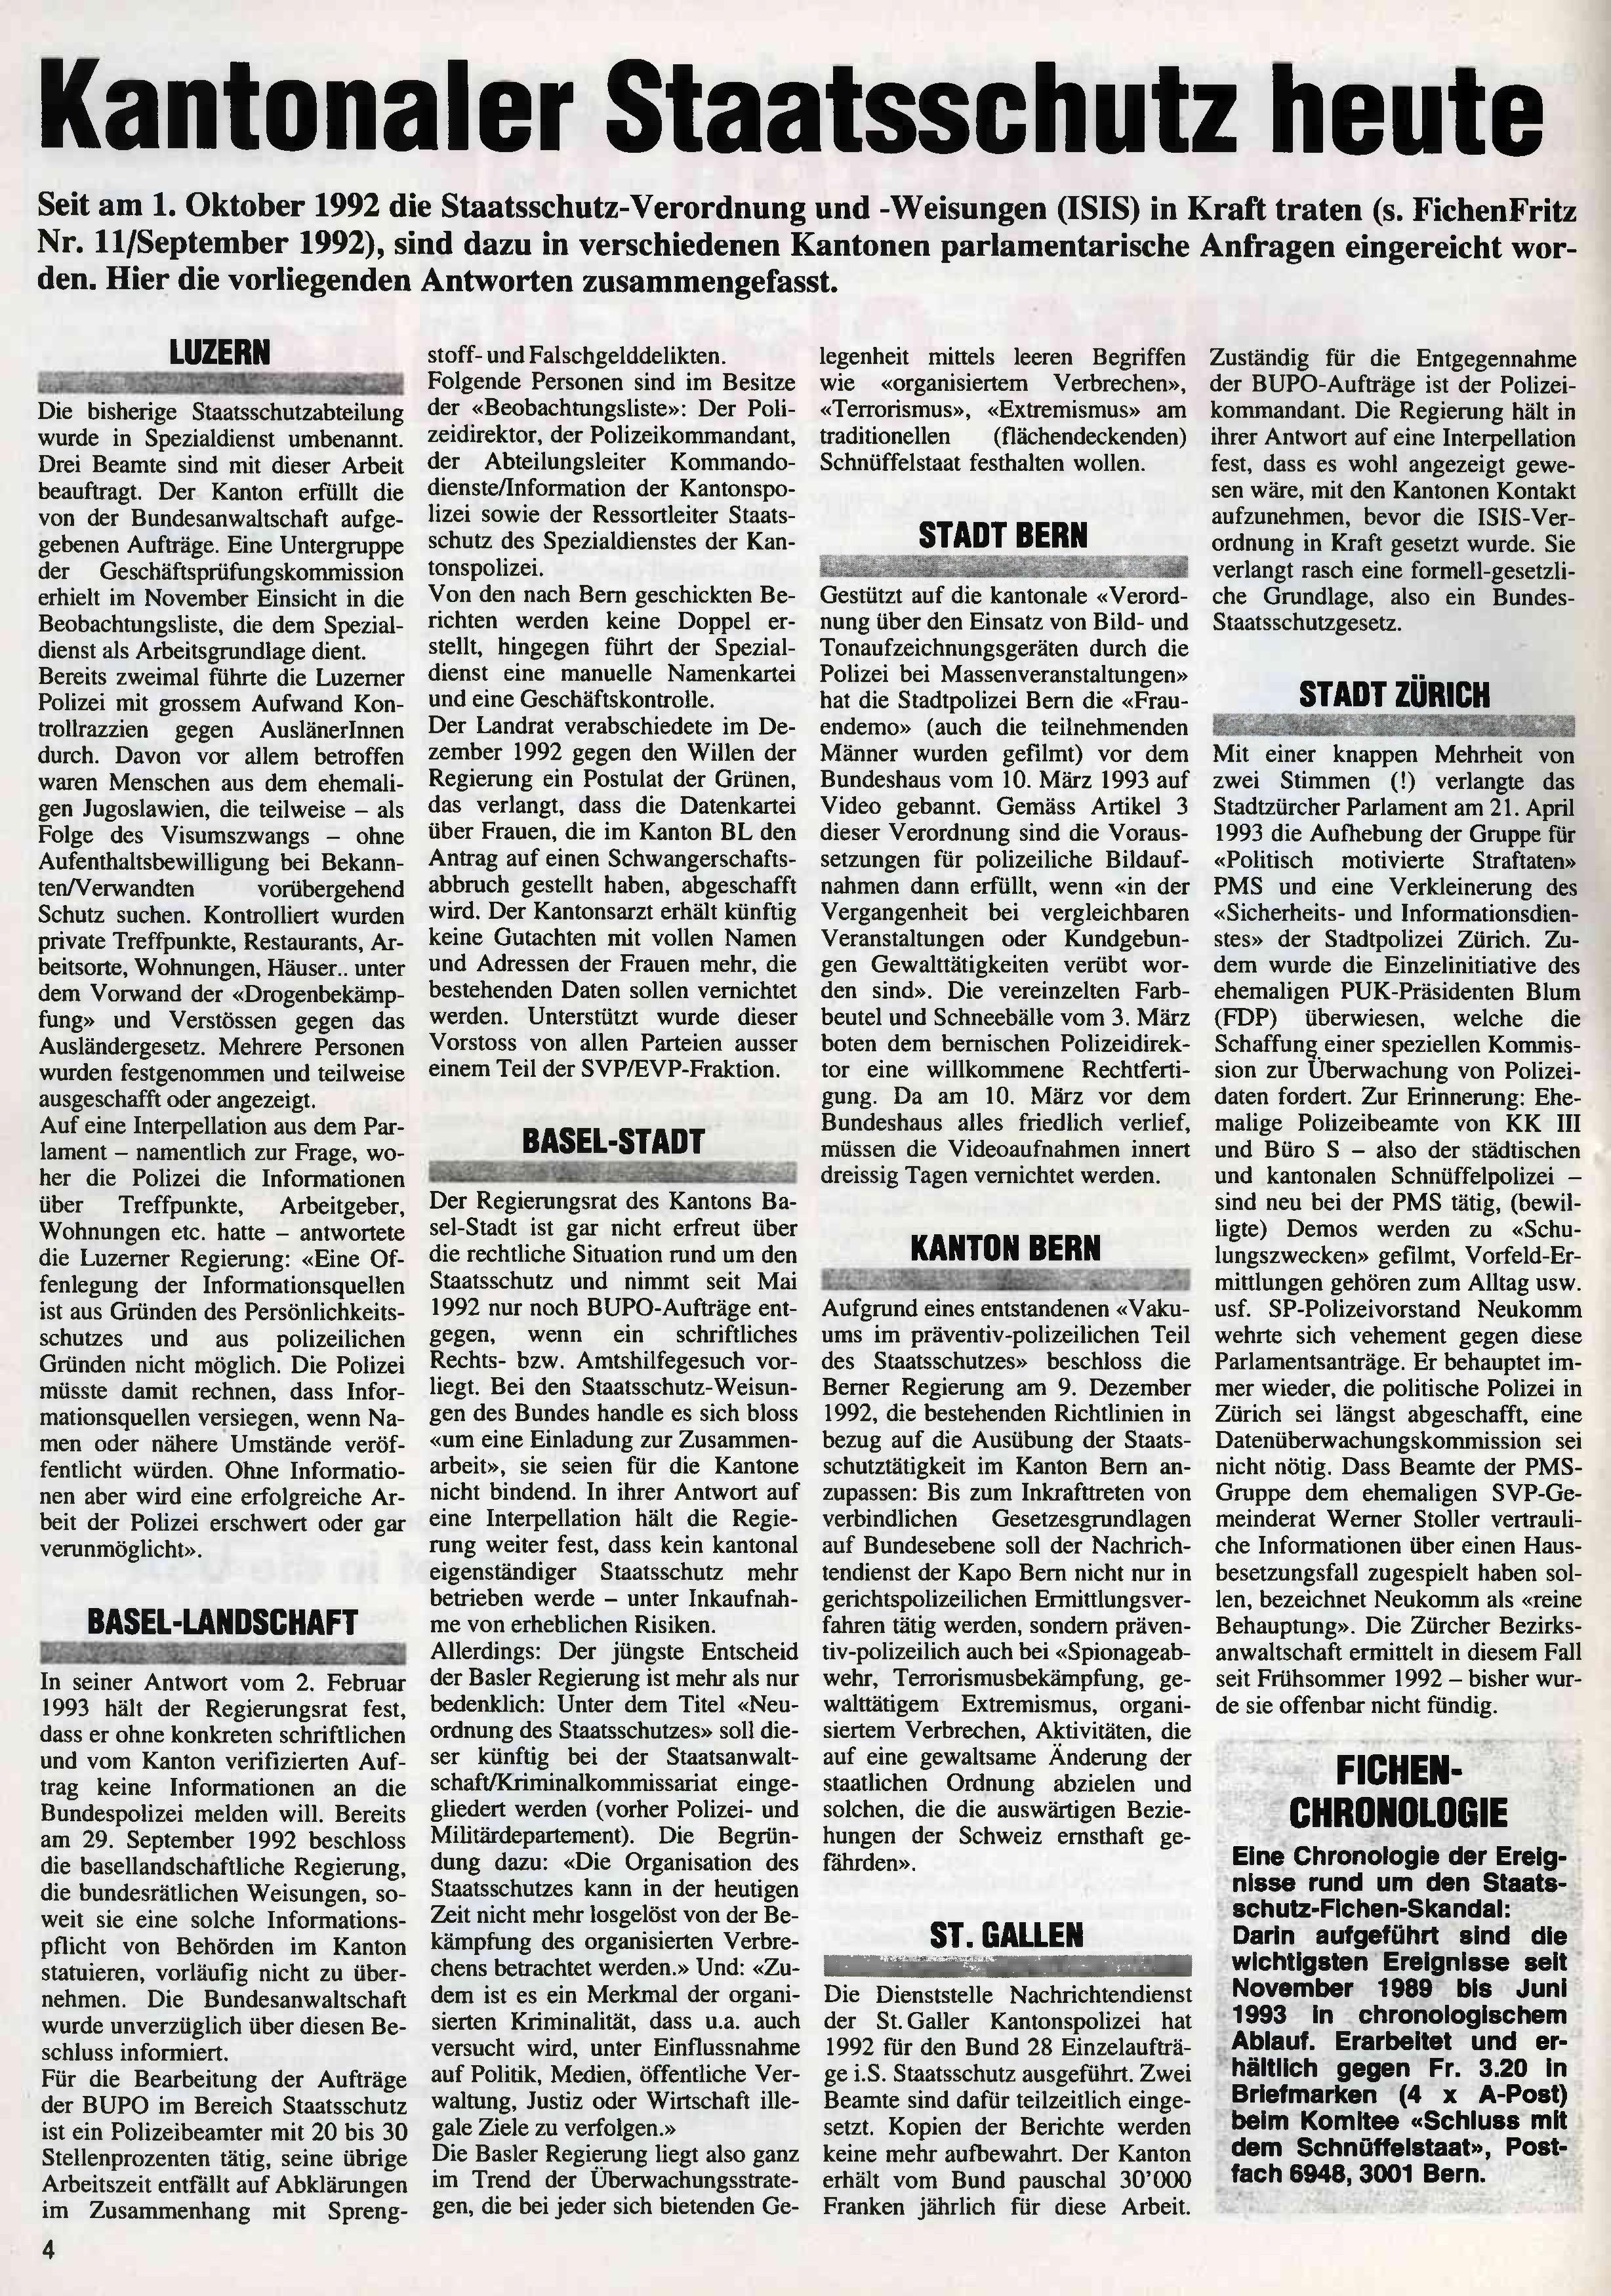 FICHEN FRITZ NR. 13 - SEITE 4